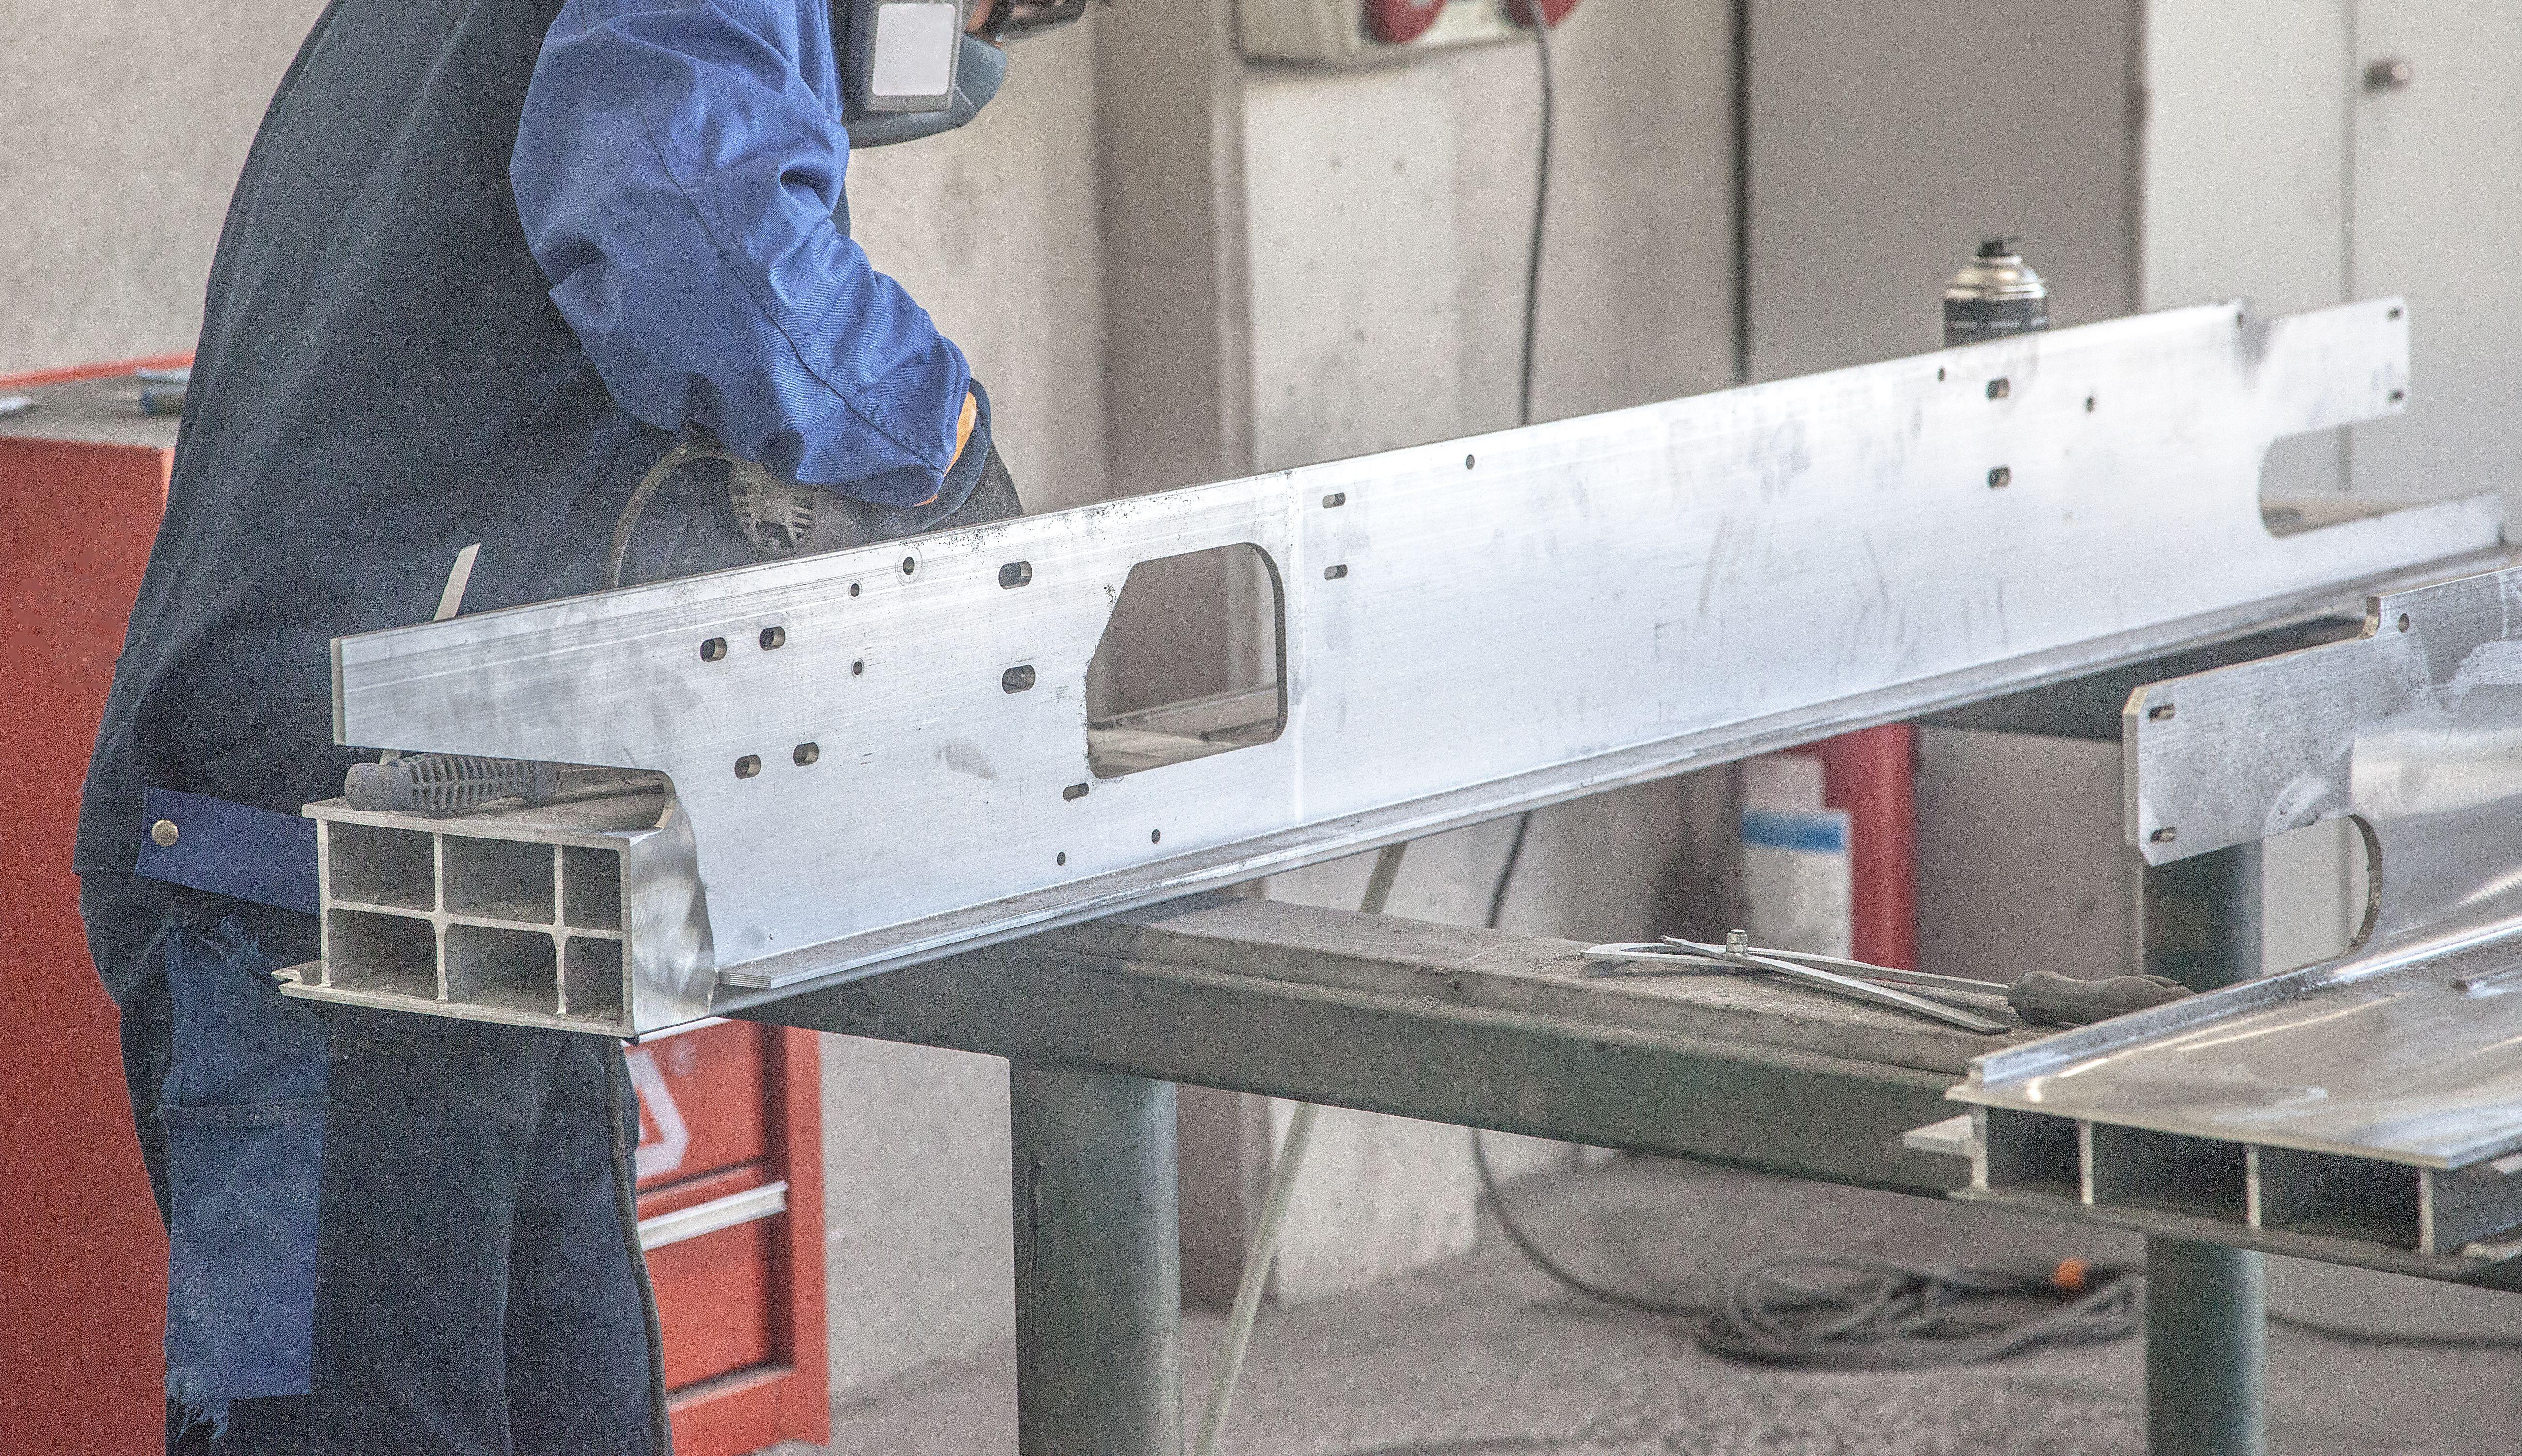 Venta, instalación y montaje de estanterías metálicas: Nuestros productos y servicios de Montajes Prigor